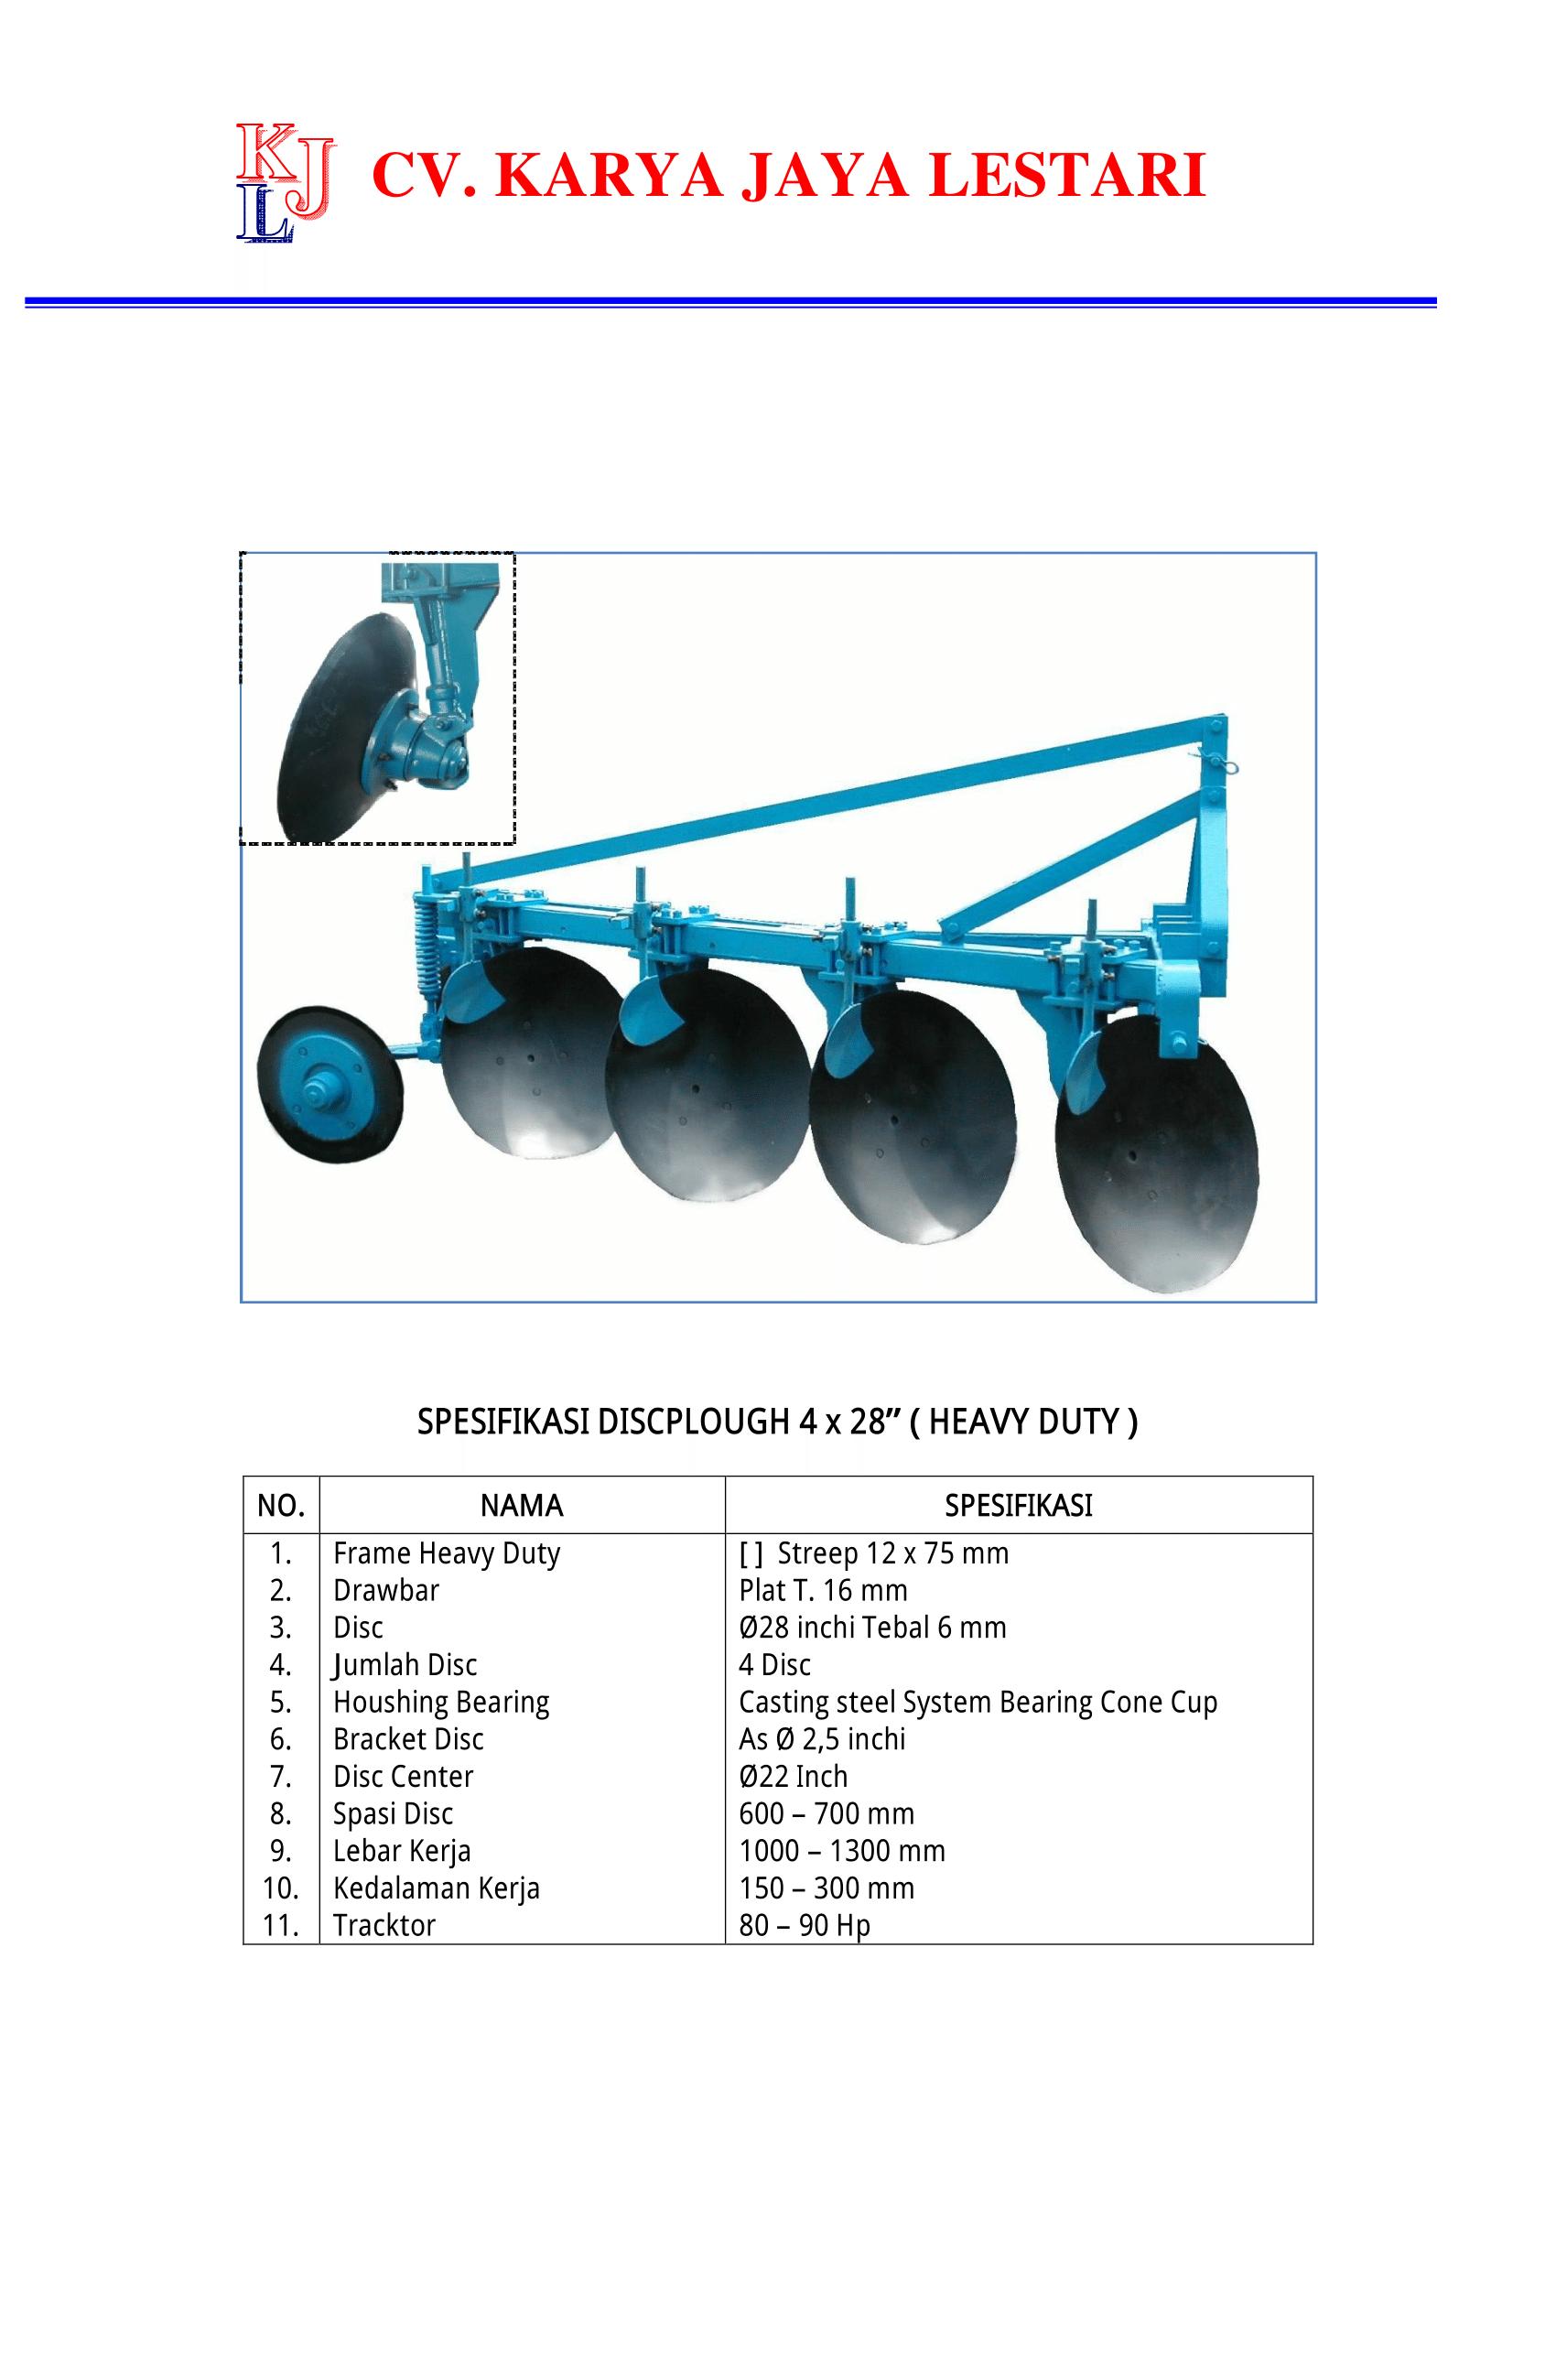 discplough-4x28-c-1